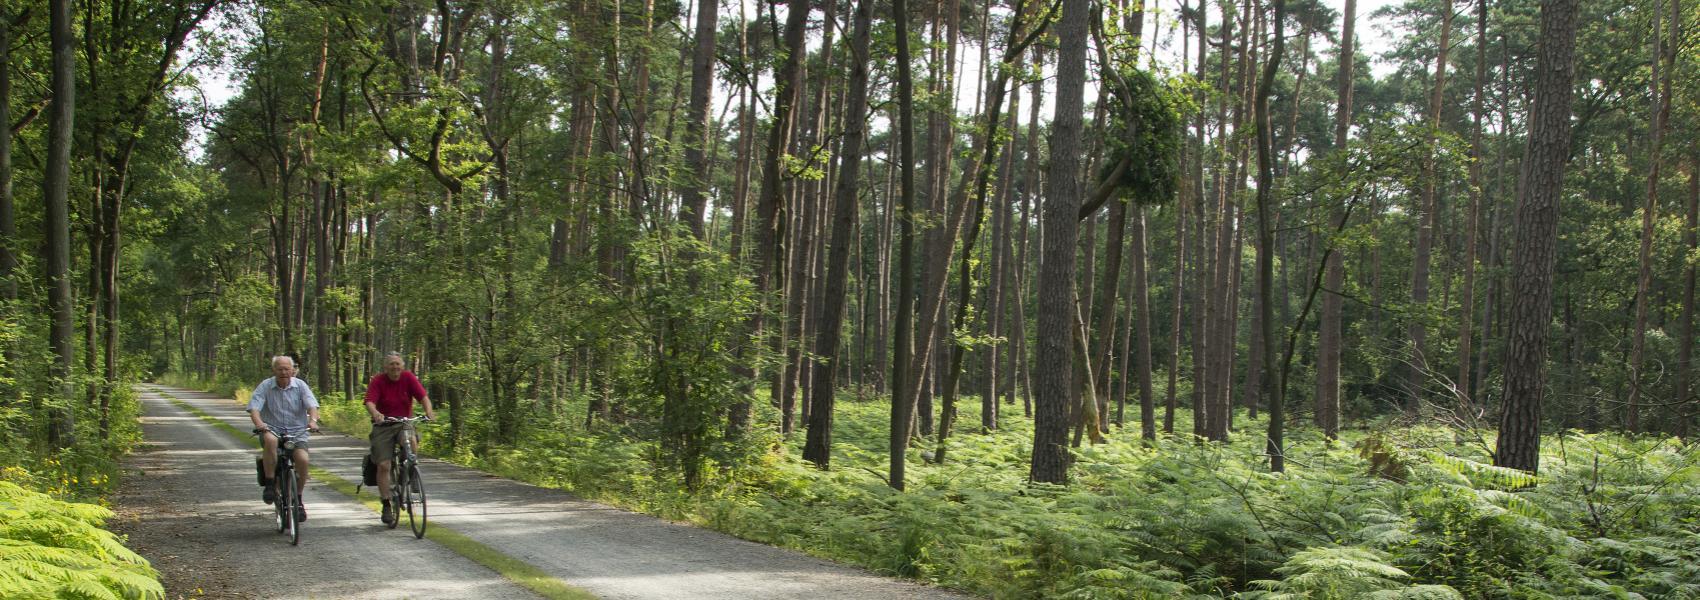 fietsers op de verharde weg in het bos